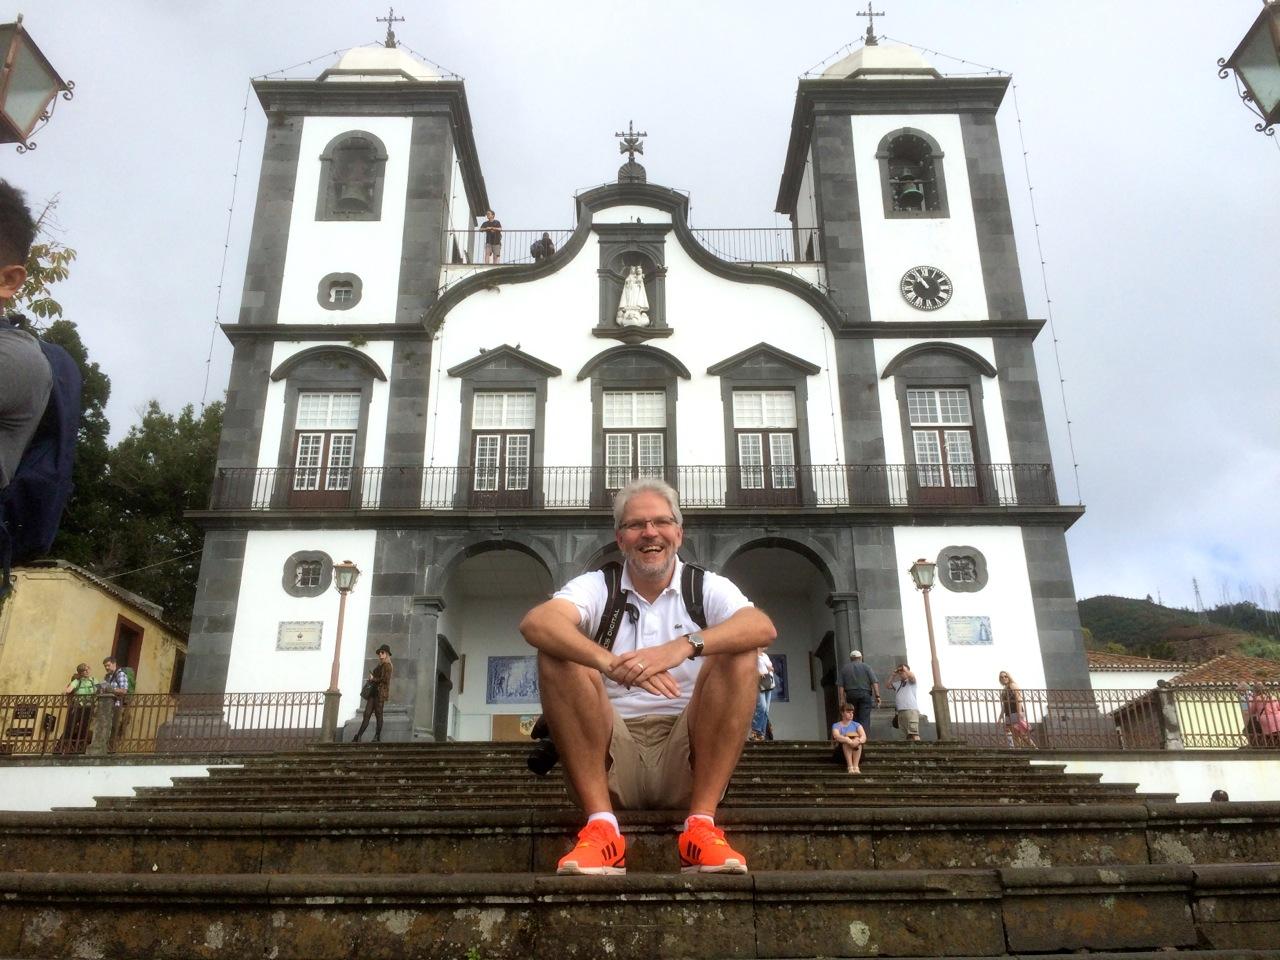 Der Reisegolfer auf den Stufen der Nossa Senhora do Monte Kirche.